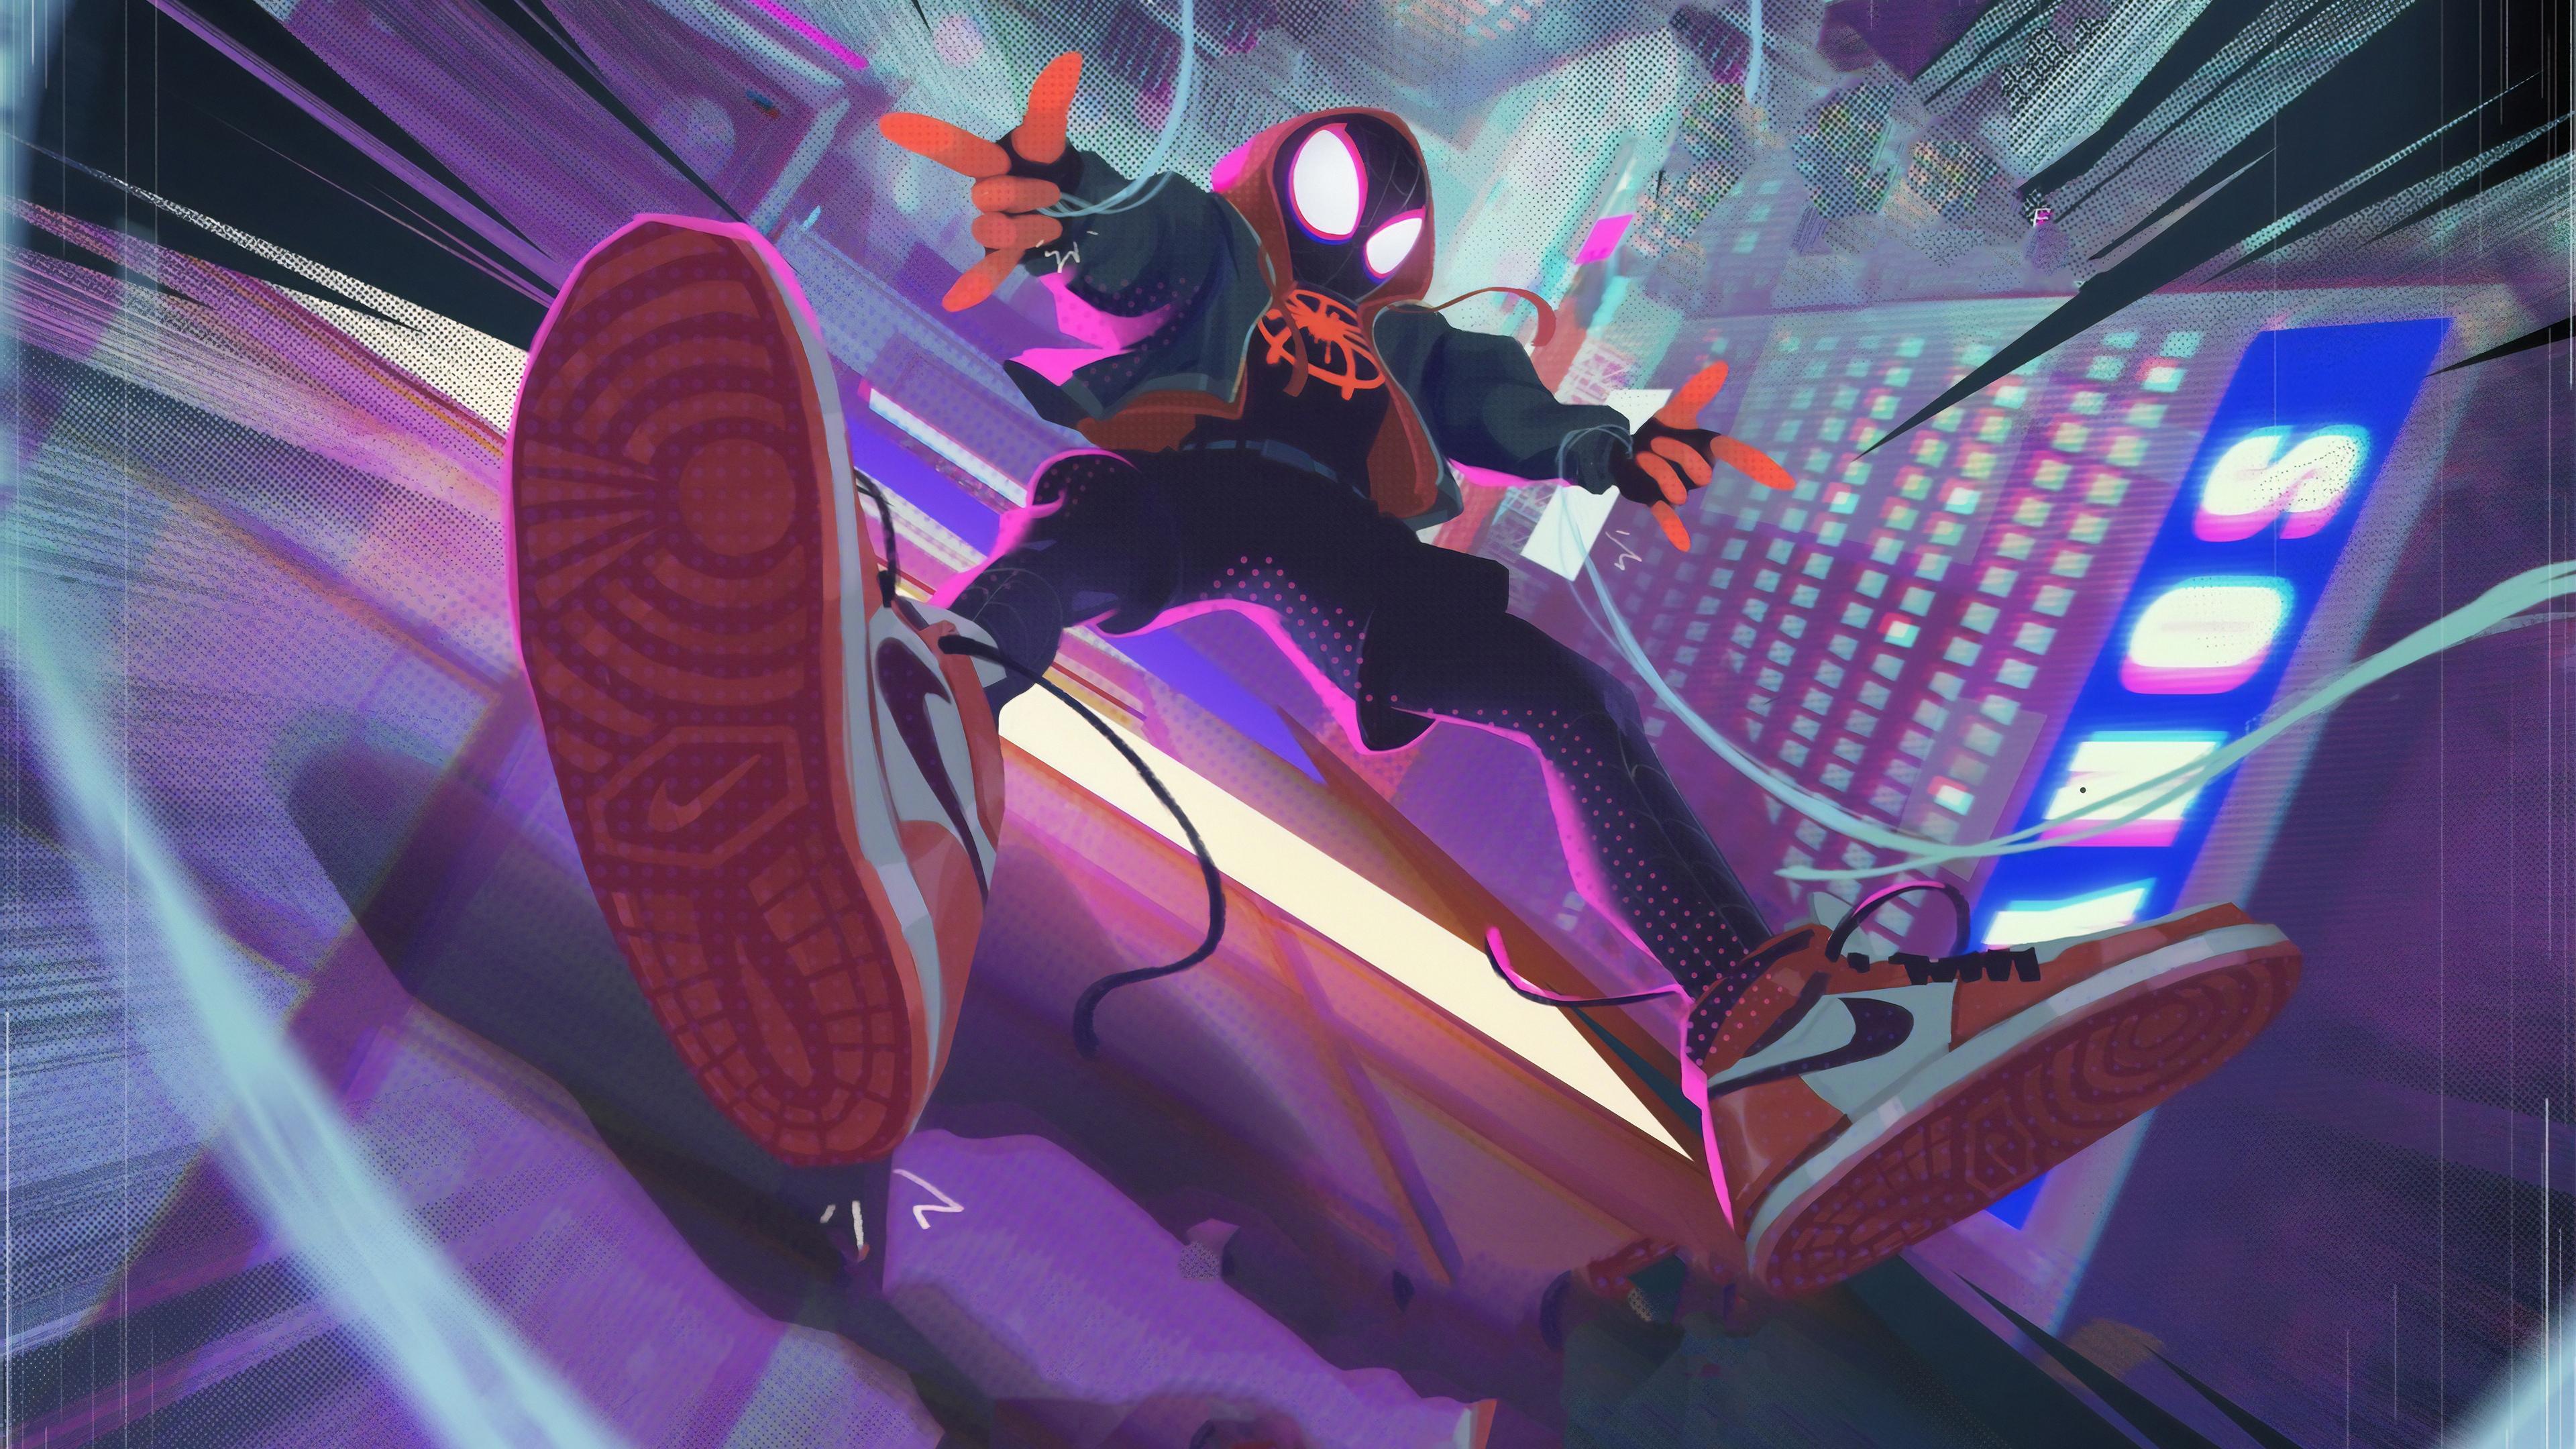 spiderman wow 1570918368 - Spiderman Wow - superheroes wallpapers, spiderman wallpapers, hd-wallpapers, digital art wallpapers, artwork wallpapers, artstation wallpapers, art wallpapers, 4k-wallpapers